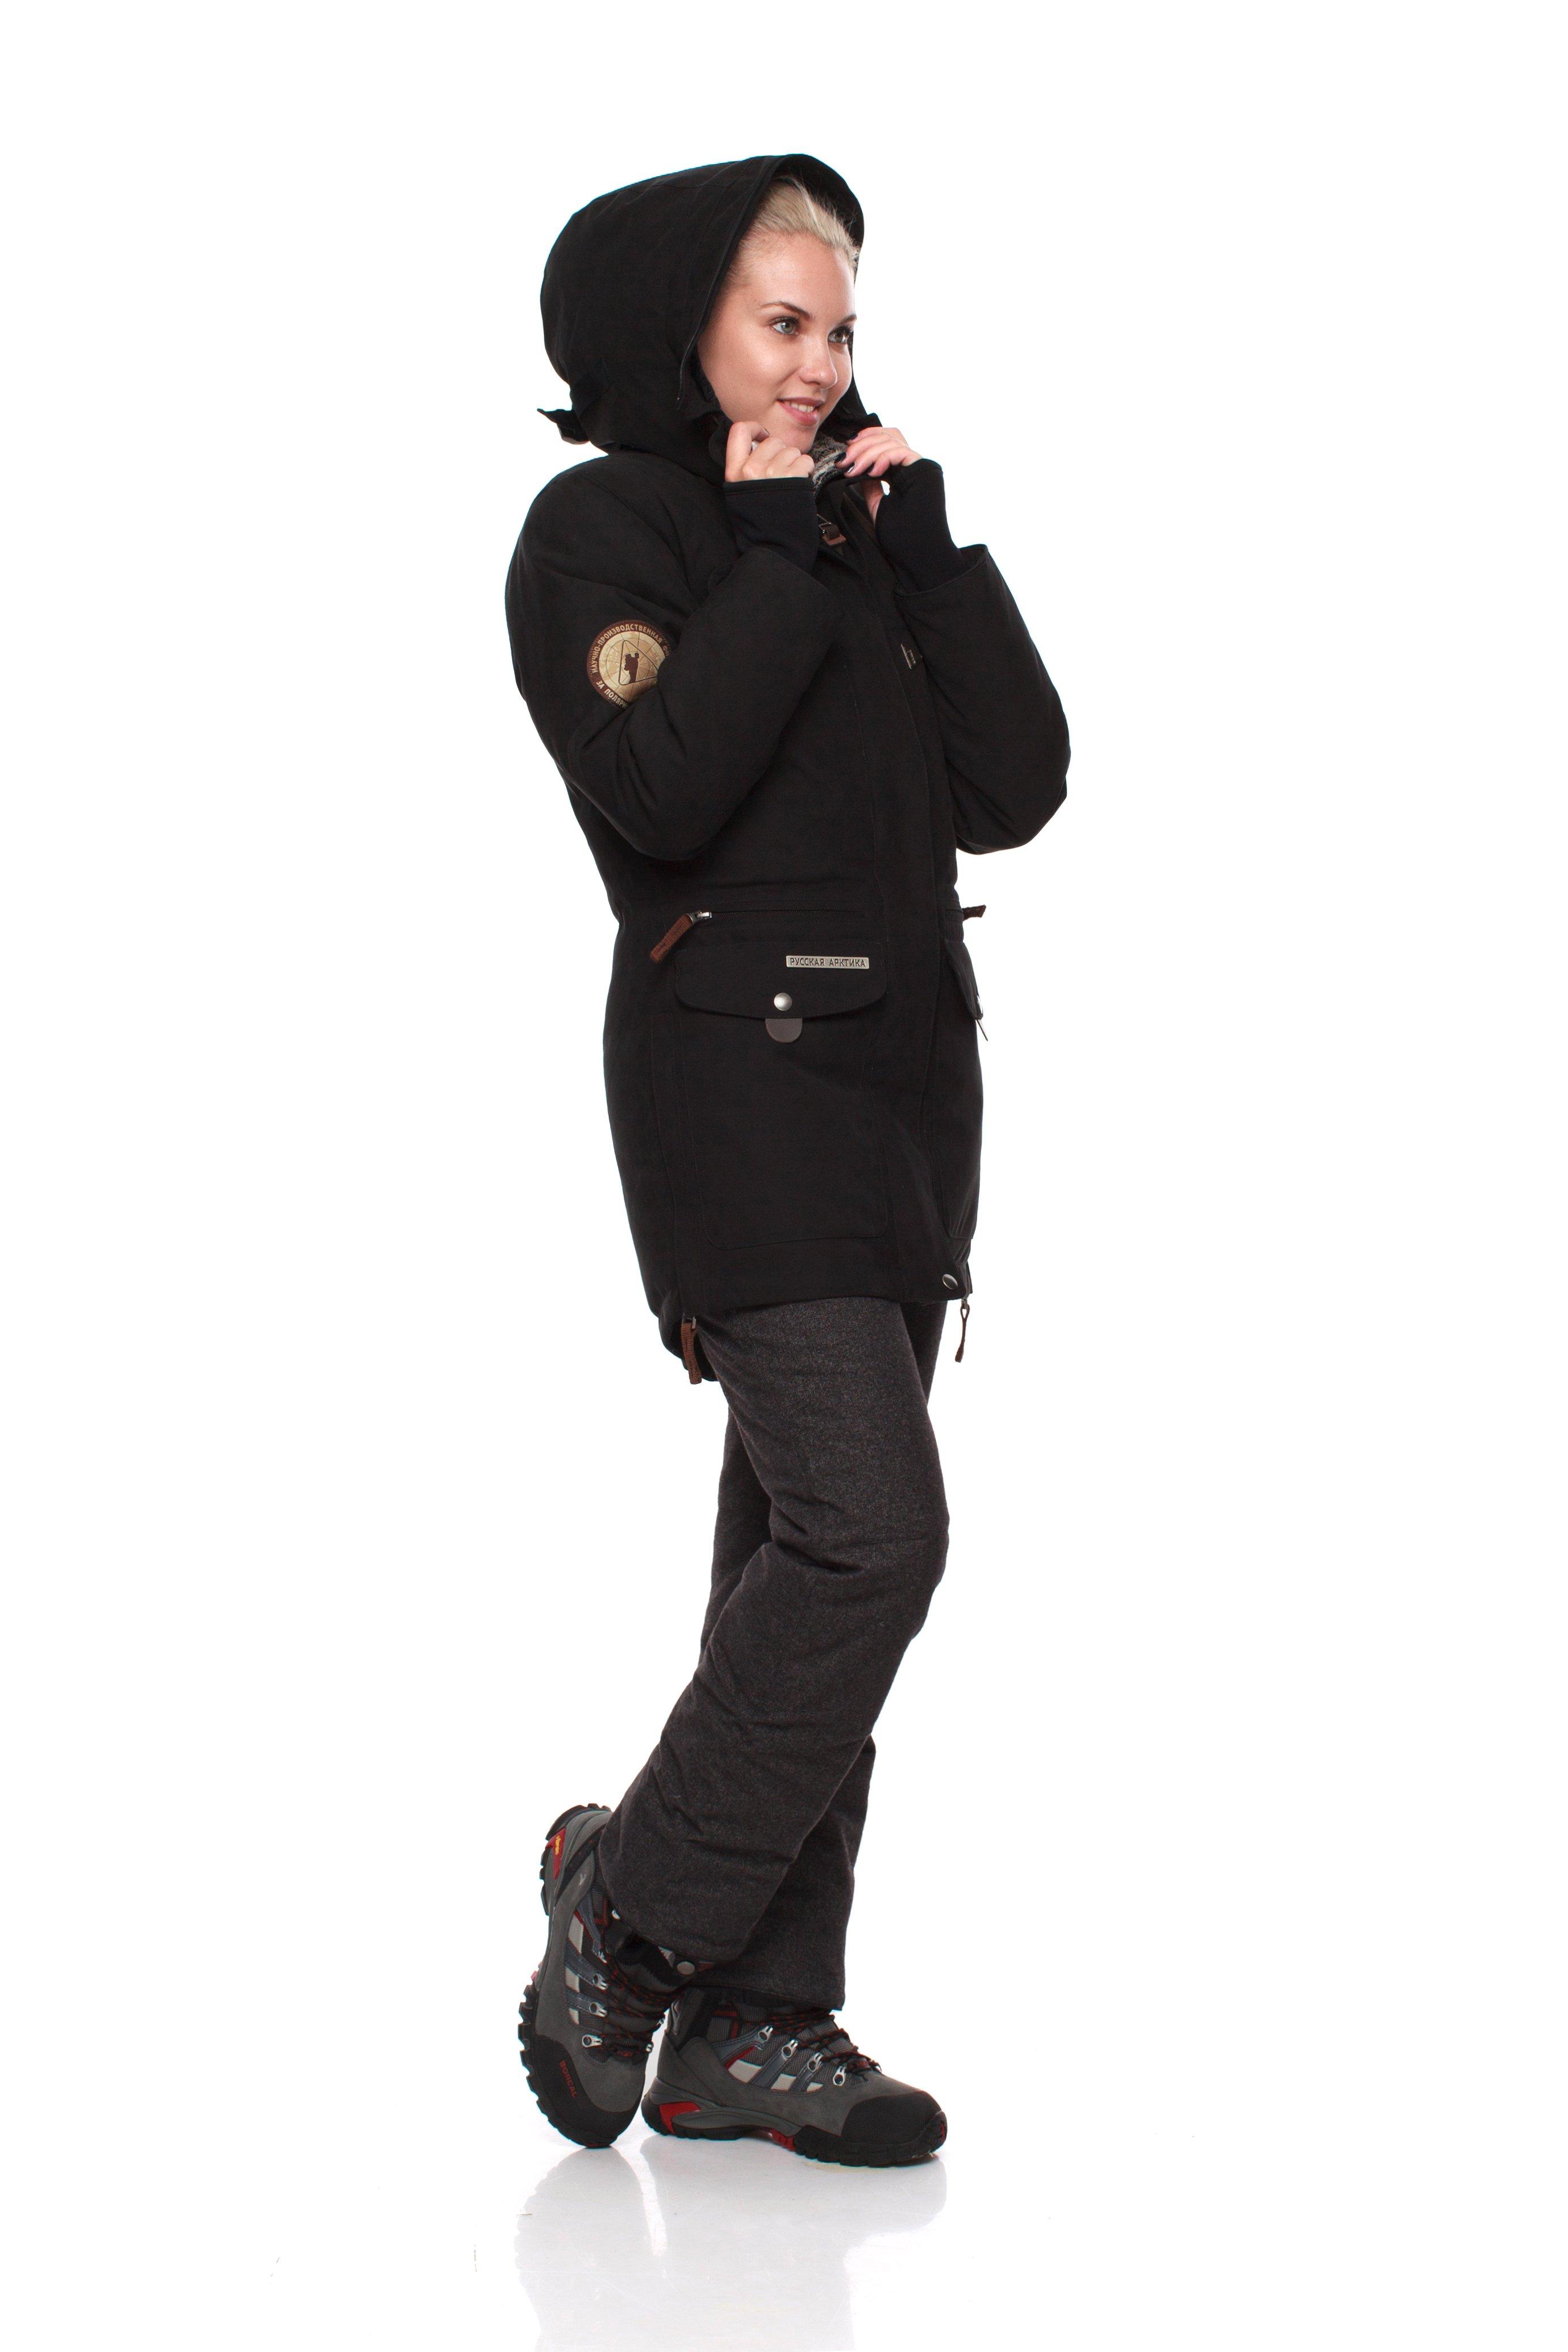 Куртка BASK SHL ONEGA LADY 1474Очень теплая мембранная женская куртка c синтетическим утеплителем Shelter&amp;reg; Sport из коллекции За Полярным кругом. Аналог пуховой модели BASK IREMEL.<br><br>&quot;Дышащие&quot; свойства: Да<br>Верхняя ткань: Advance® Alaska<br>Вес граммы: 890<br>Вес утеплителя: 300<br>Ветро-влагозащитные свойства верхней ткани: Да<br>Ветрозащитная планка: Да<br>Ветрозащитная юбка: Да<br>Влагозащитные молнии: Нет<br>Внутренние манжеты: Да<br>Внутренняя ткань: Advance® Classic<br>Водонепроницаемость: 5000<br>Дублирующий центральную молнию клапан: Да<br>Защитный козырёк капюшона: Нет<br>Капюшон: Несъемный<br>Карман для средств связи: Нет<br>Количество внешних карманов: 8<br>Количество внутренних карманов: 2<br>Коллекция: Pole to Pole<br>Мембрана: Да<br>Объемный крой локтевой зоны: Да<br>Отстёгивающиеся рукава: Нет<br>Паропроницаемость: 5000<br>Пол: Женский<br>Проклейка швов: Нет<br>Регулировка манжетов рукавов: Да<br>Регулировка низа: Нет<br>Регулировка объёма капюшона: Да<br>Регулировка талии: Да<br>Регулируемые вентиляционные отверстия: Нет<br>Световозвращающая лента: Нет<br>Температурный режим: -35<br>Технология Thermal Welding: Нет<br>Технология швов: Простые<br>Тип молнии: Двухзамковая<br>Тип утеплителя: Синтетический<br>Ткань усиления: Нет<br>Усиление контактных зон: Нет<br>Утеплитель: Shelter Sport®<br>Размер RU: 46<br>Цвет: КРАСНЫЙ